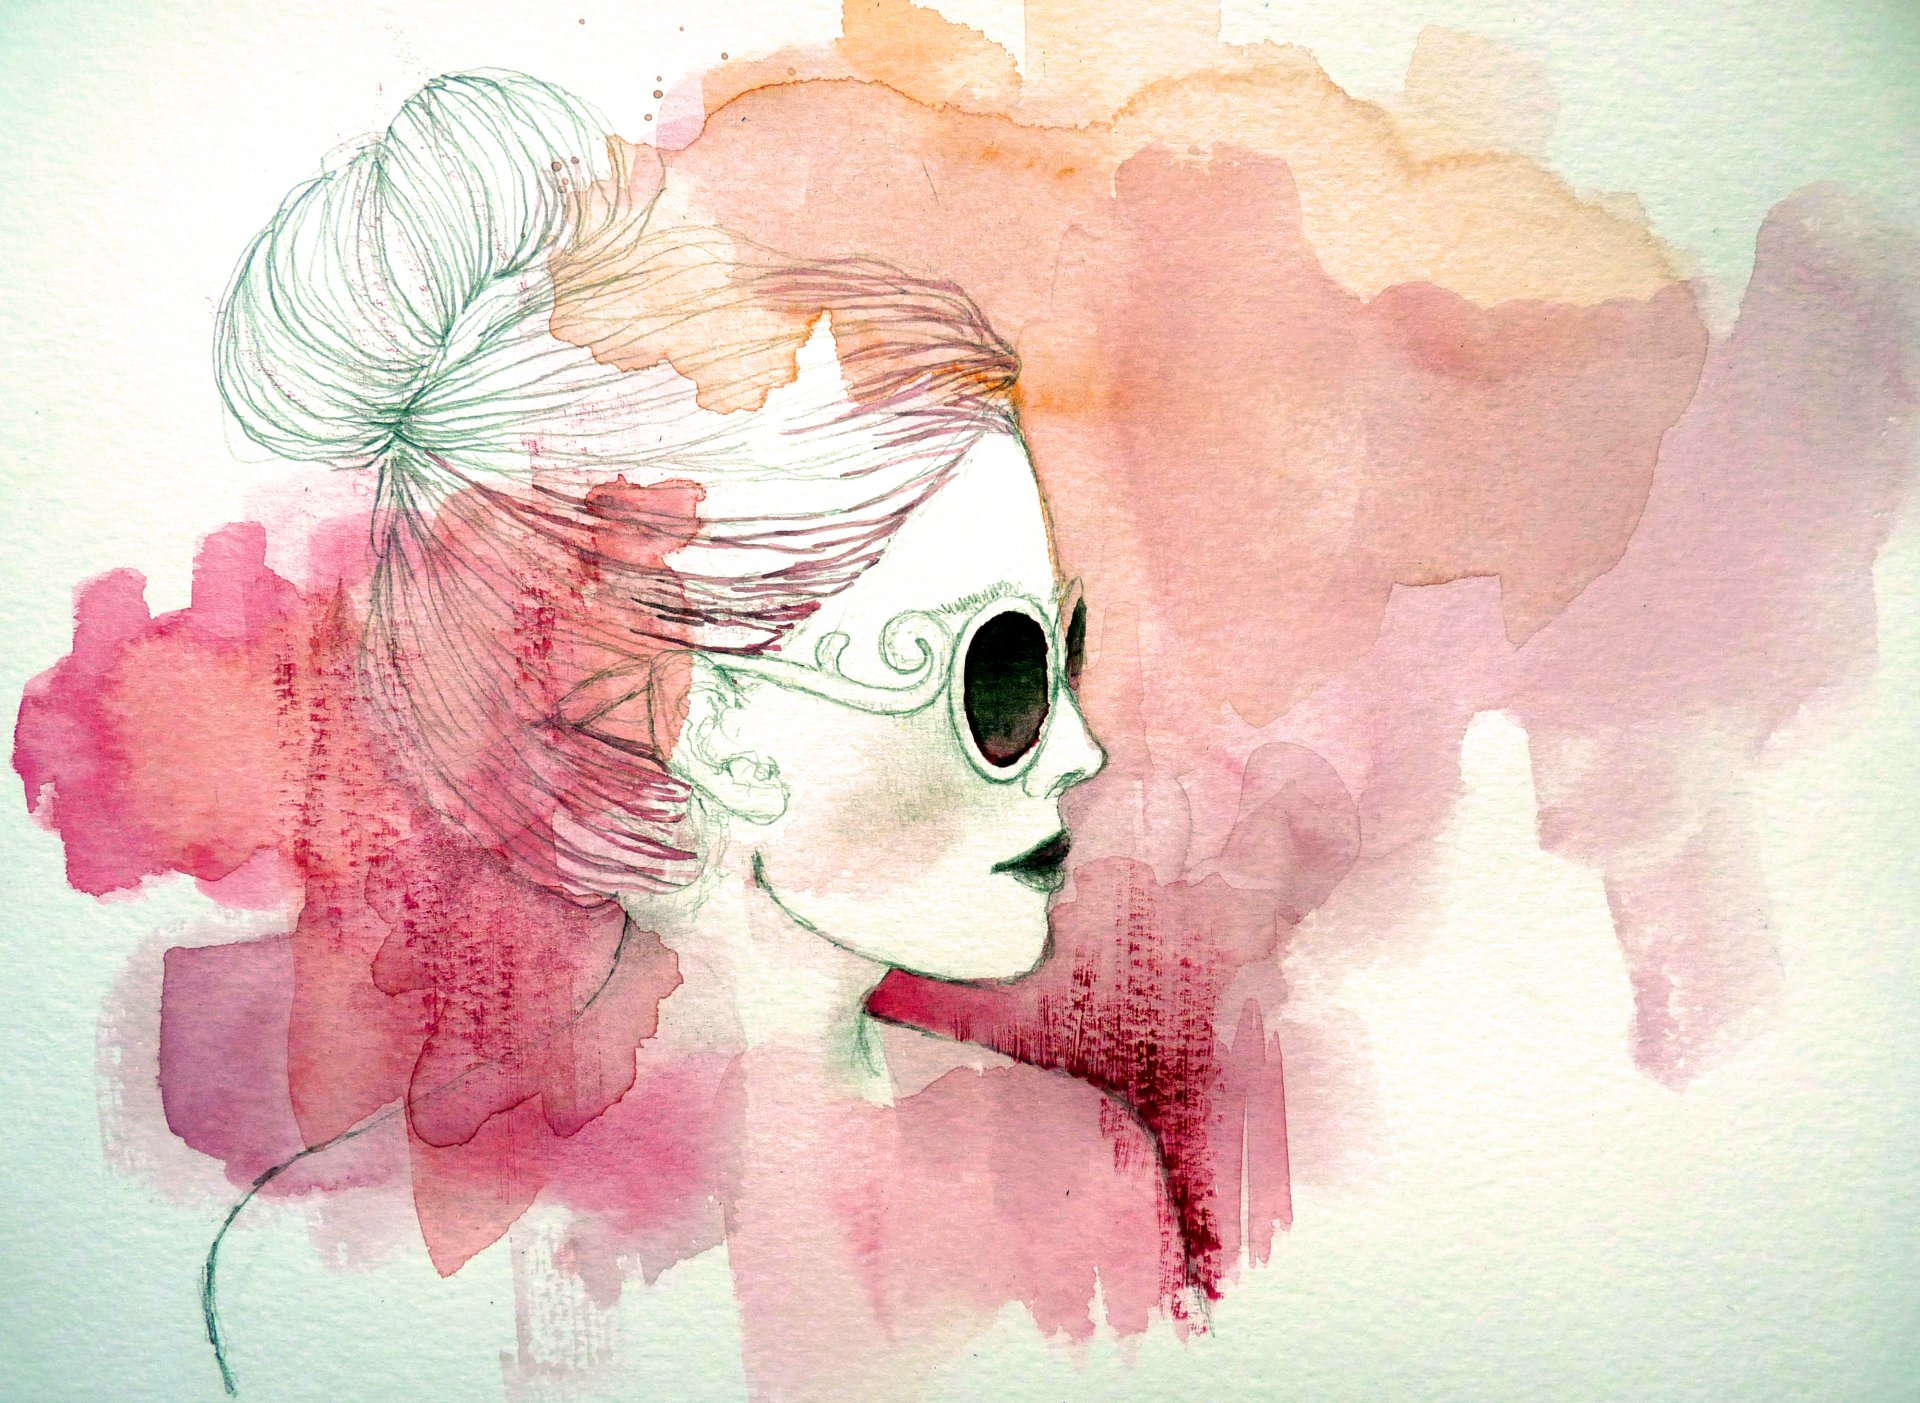 Картинки акварелью простые для начинающих срисовка, формат картинка днем